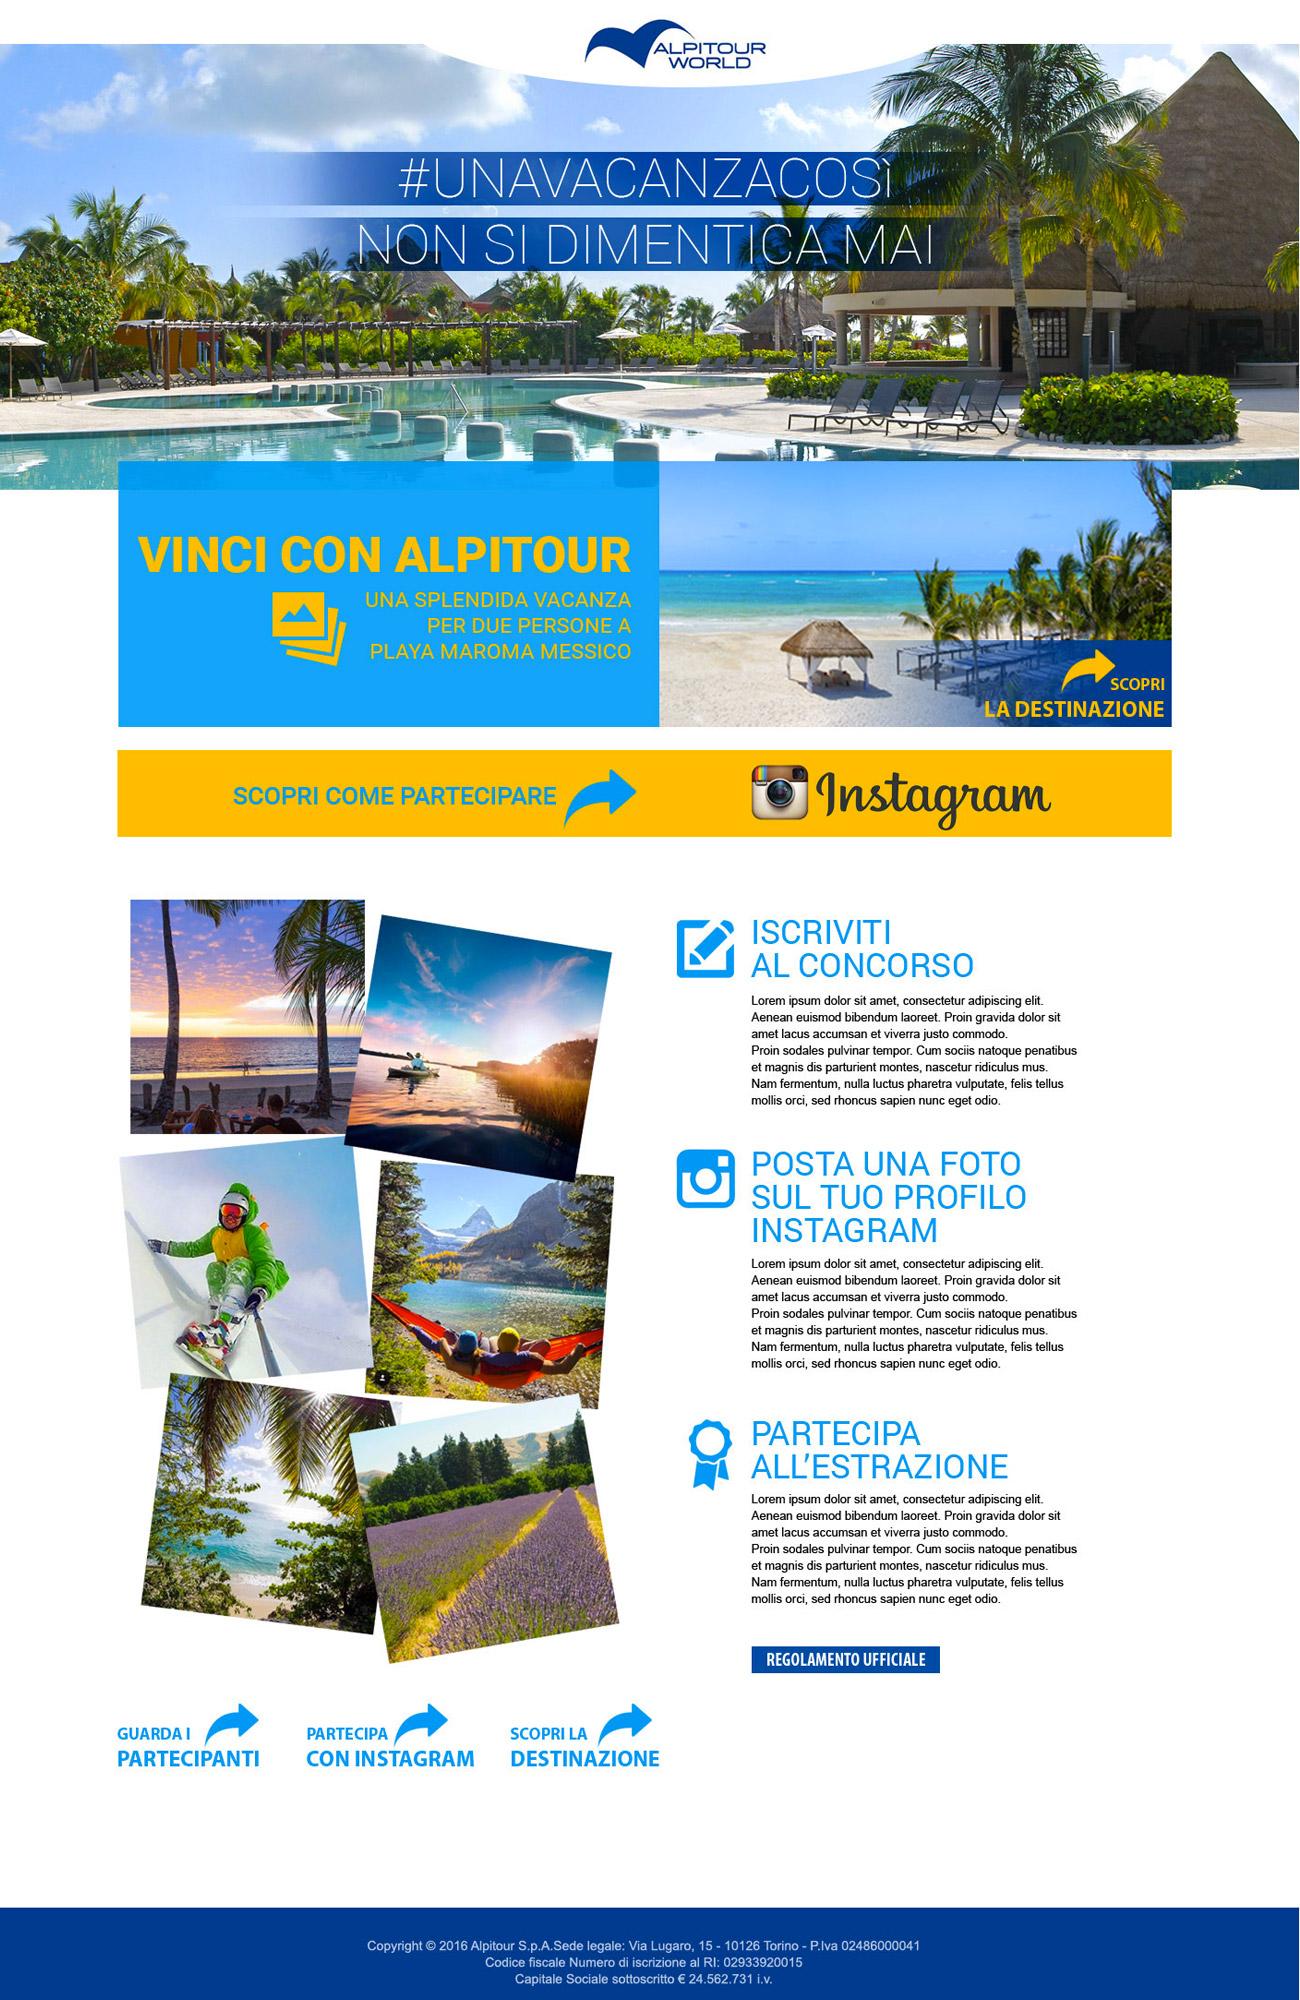 Alpitour sito